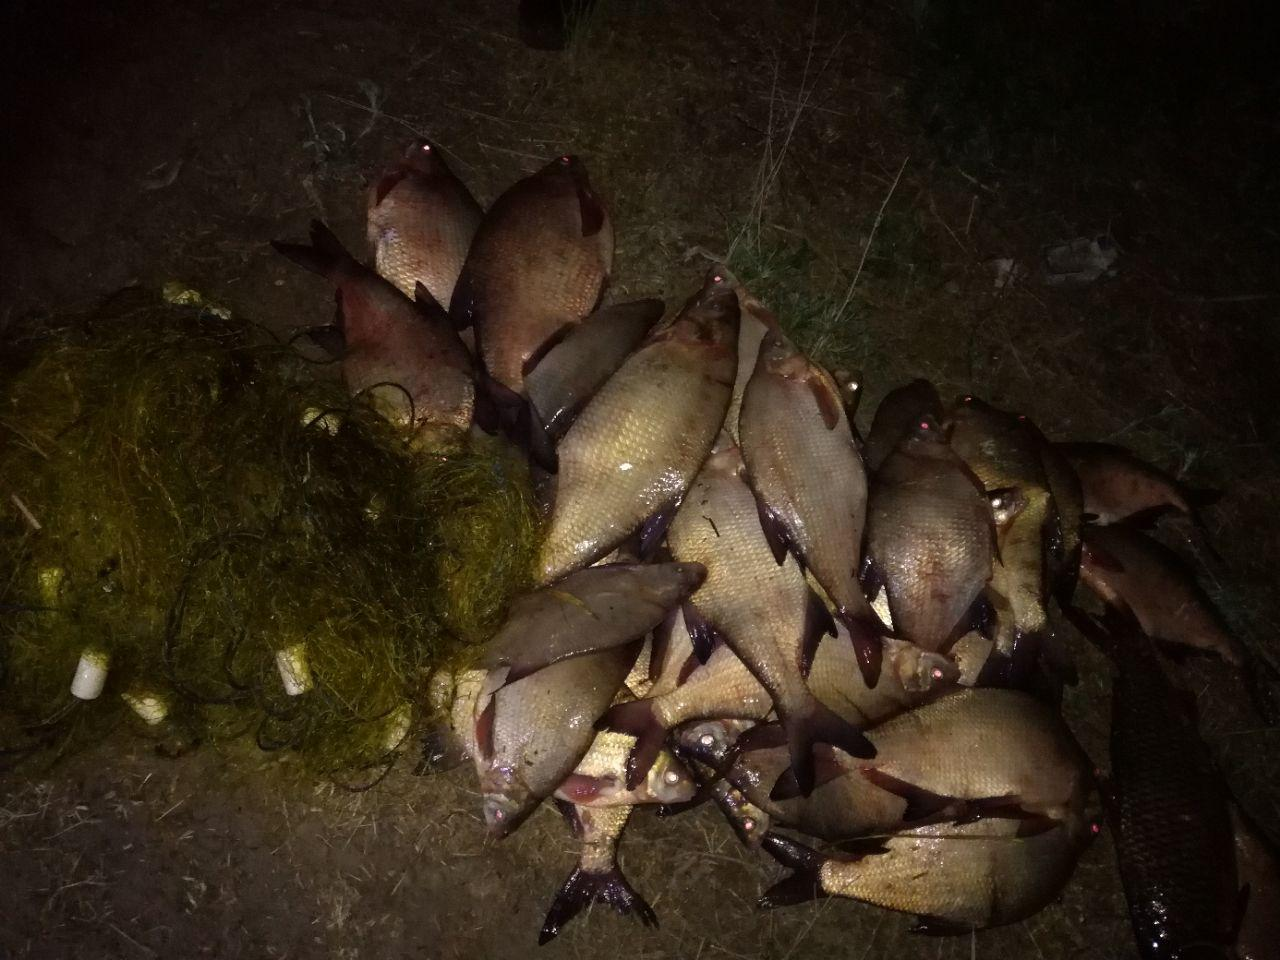 В апреле в Запорожской области выявили 107 фактов браконьерства - ФОТО